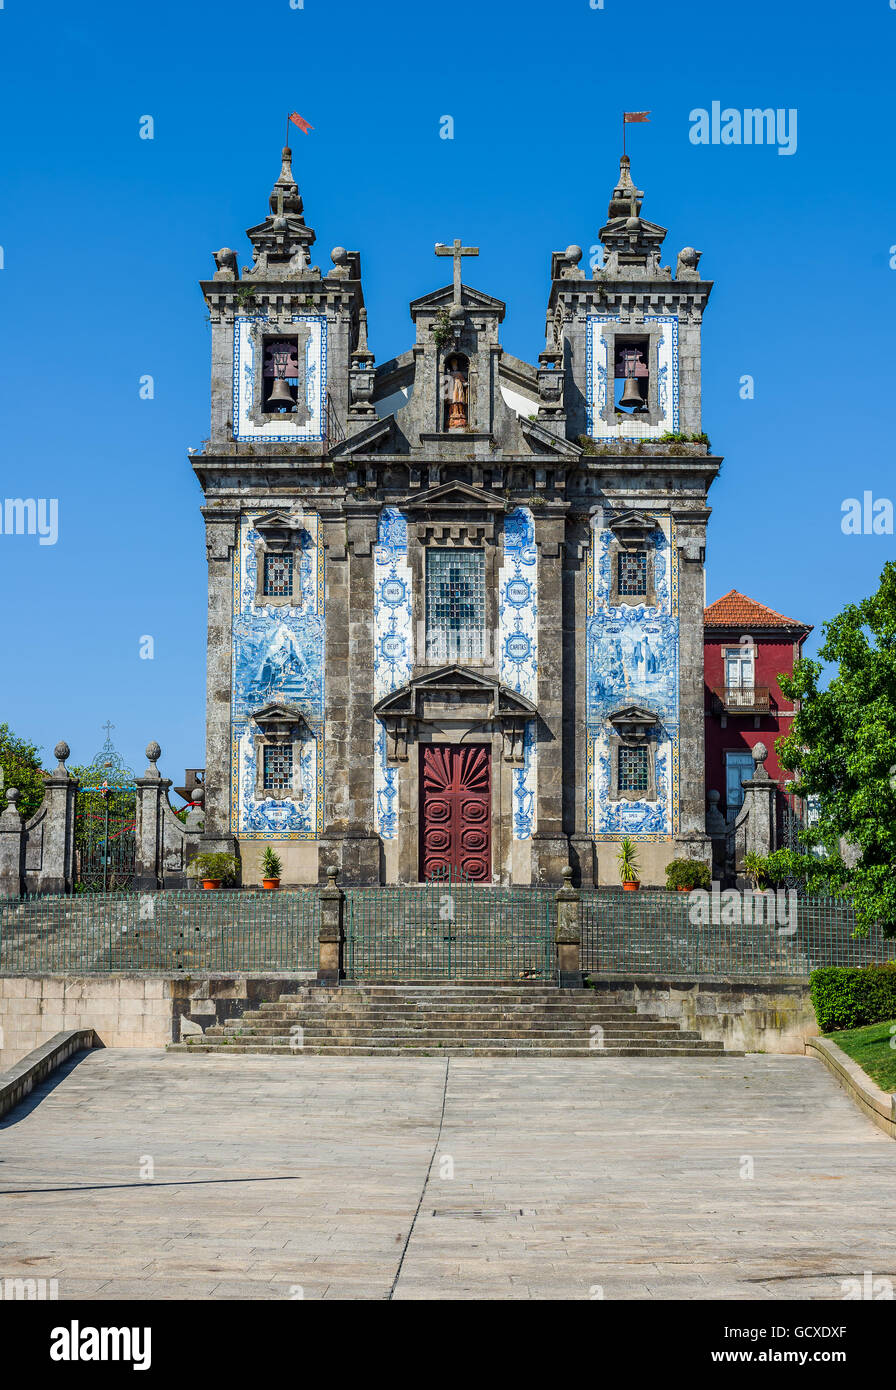 Igreja de Santo Ildefonso church in Porto, Portugal - Stock Image